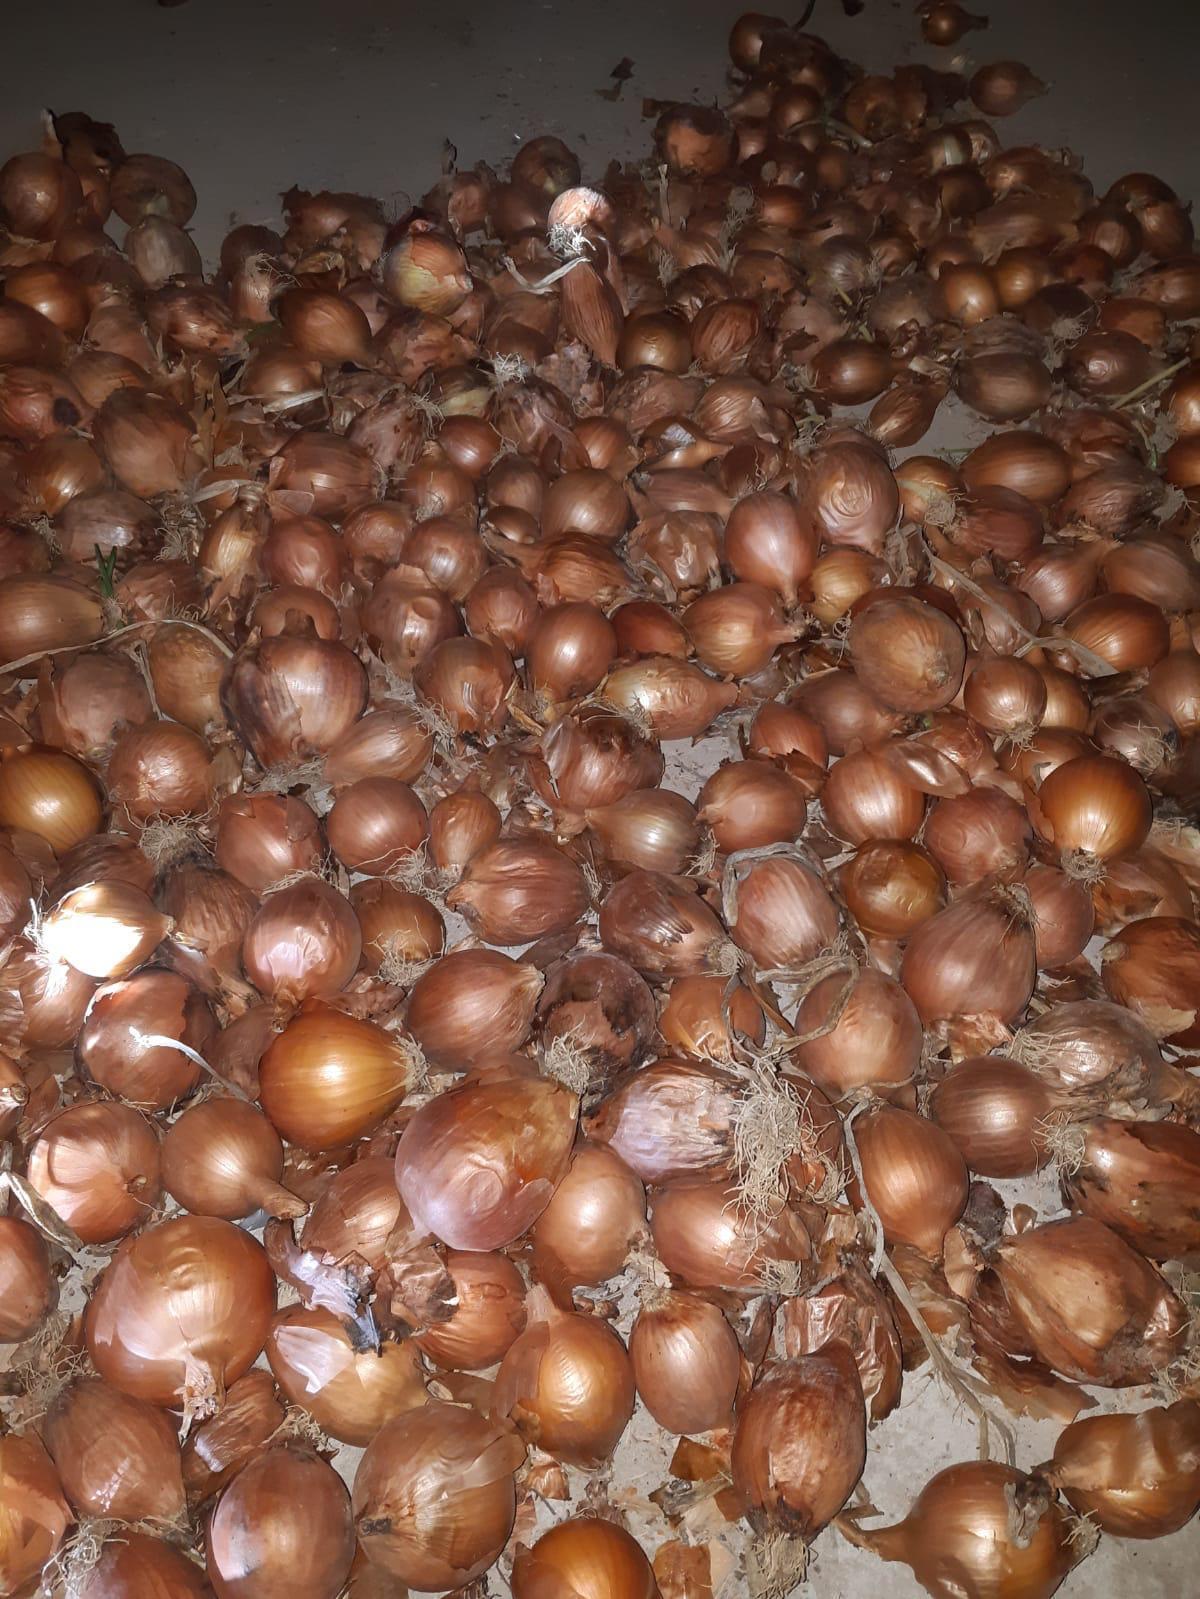 Kuru Soğan - Üretici Muhammet Beyoğlu 1300 tl fiyat ile 14 kilogram anka çeşidi kuru soğan satmak istiyor